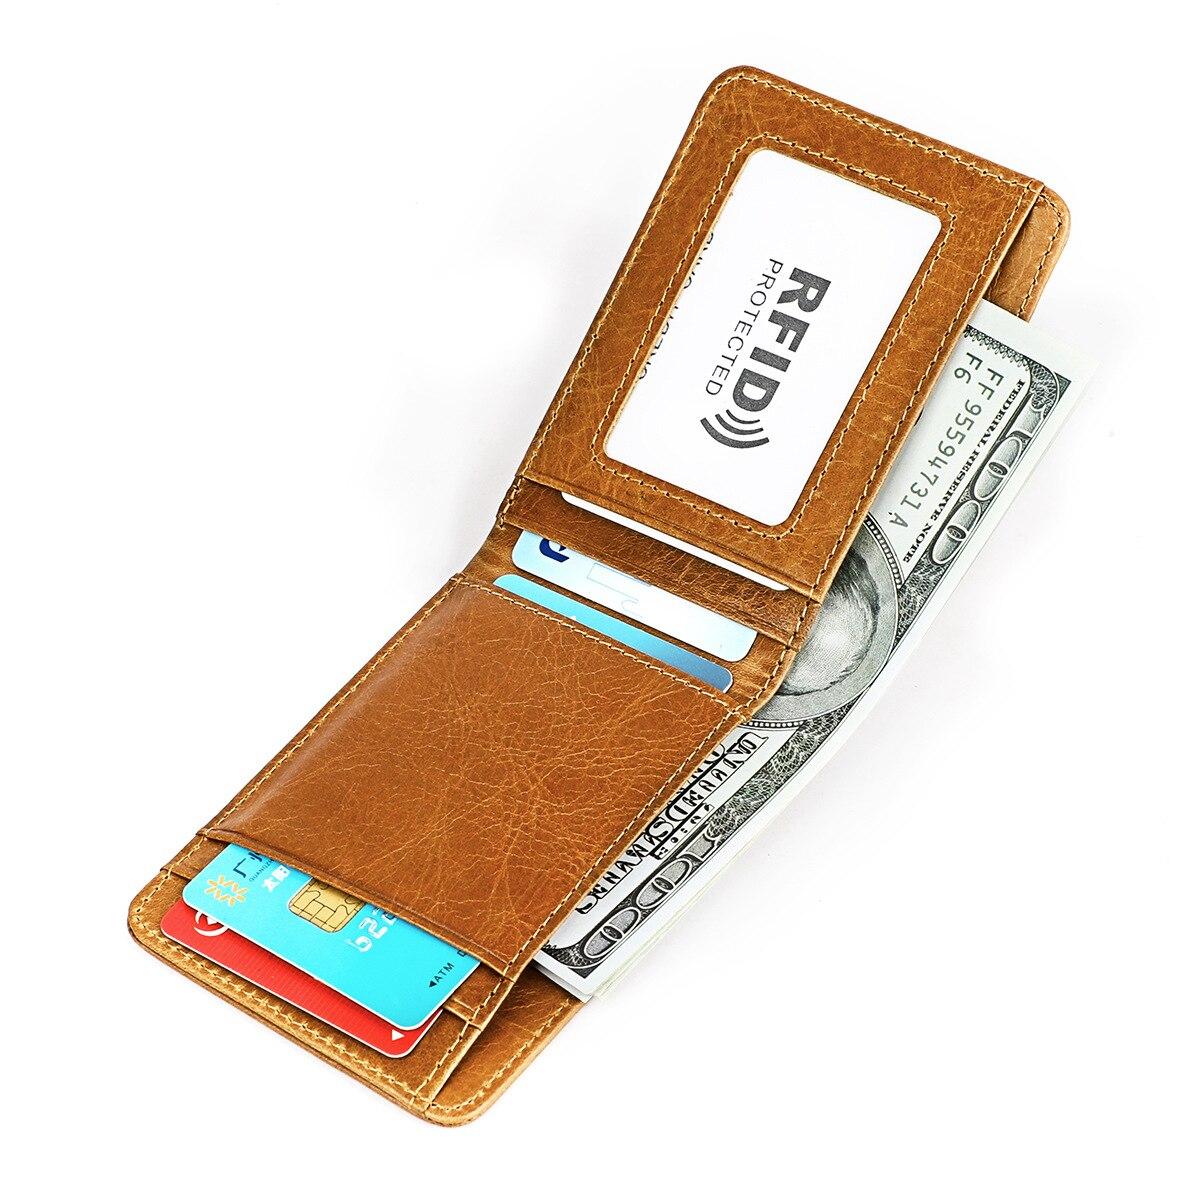 Baellerry мини кошелек для мужчин из натуральной кожи тонкий двойной кошелек передний карман тонкий кошелек для денег короткий маленький кошел...